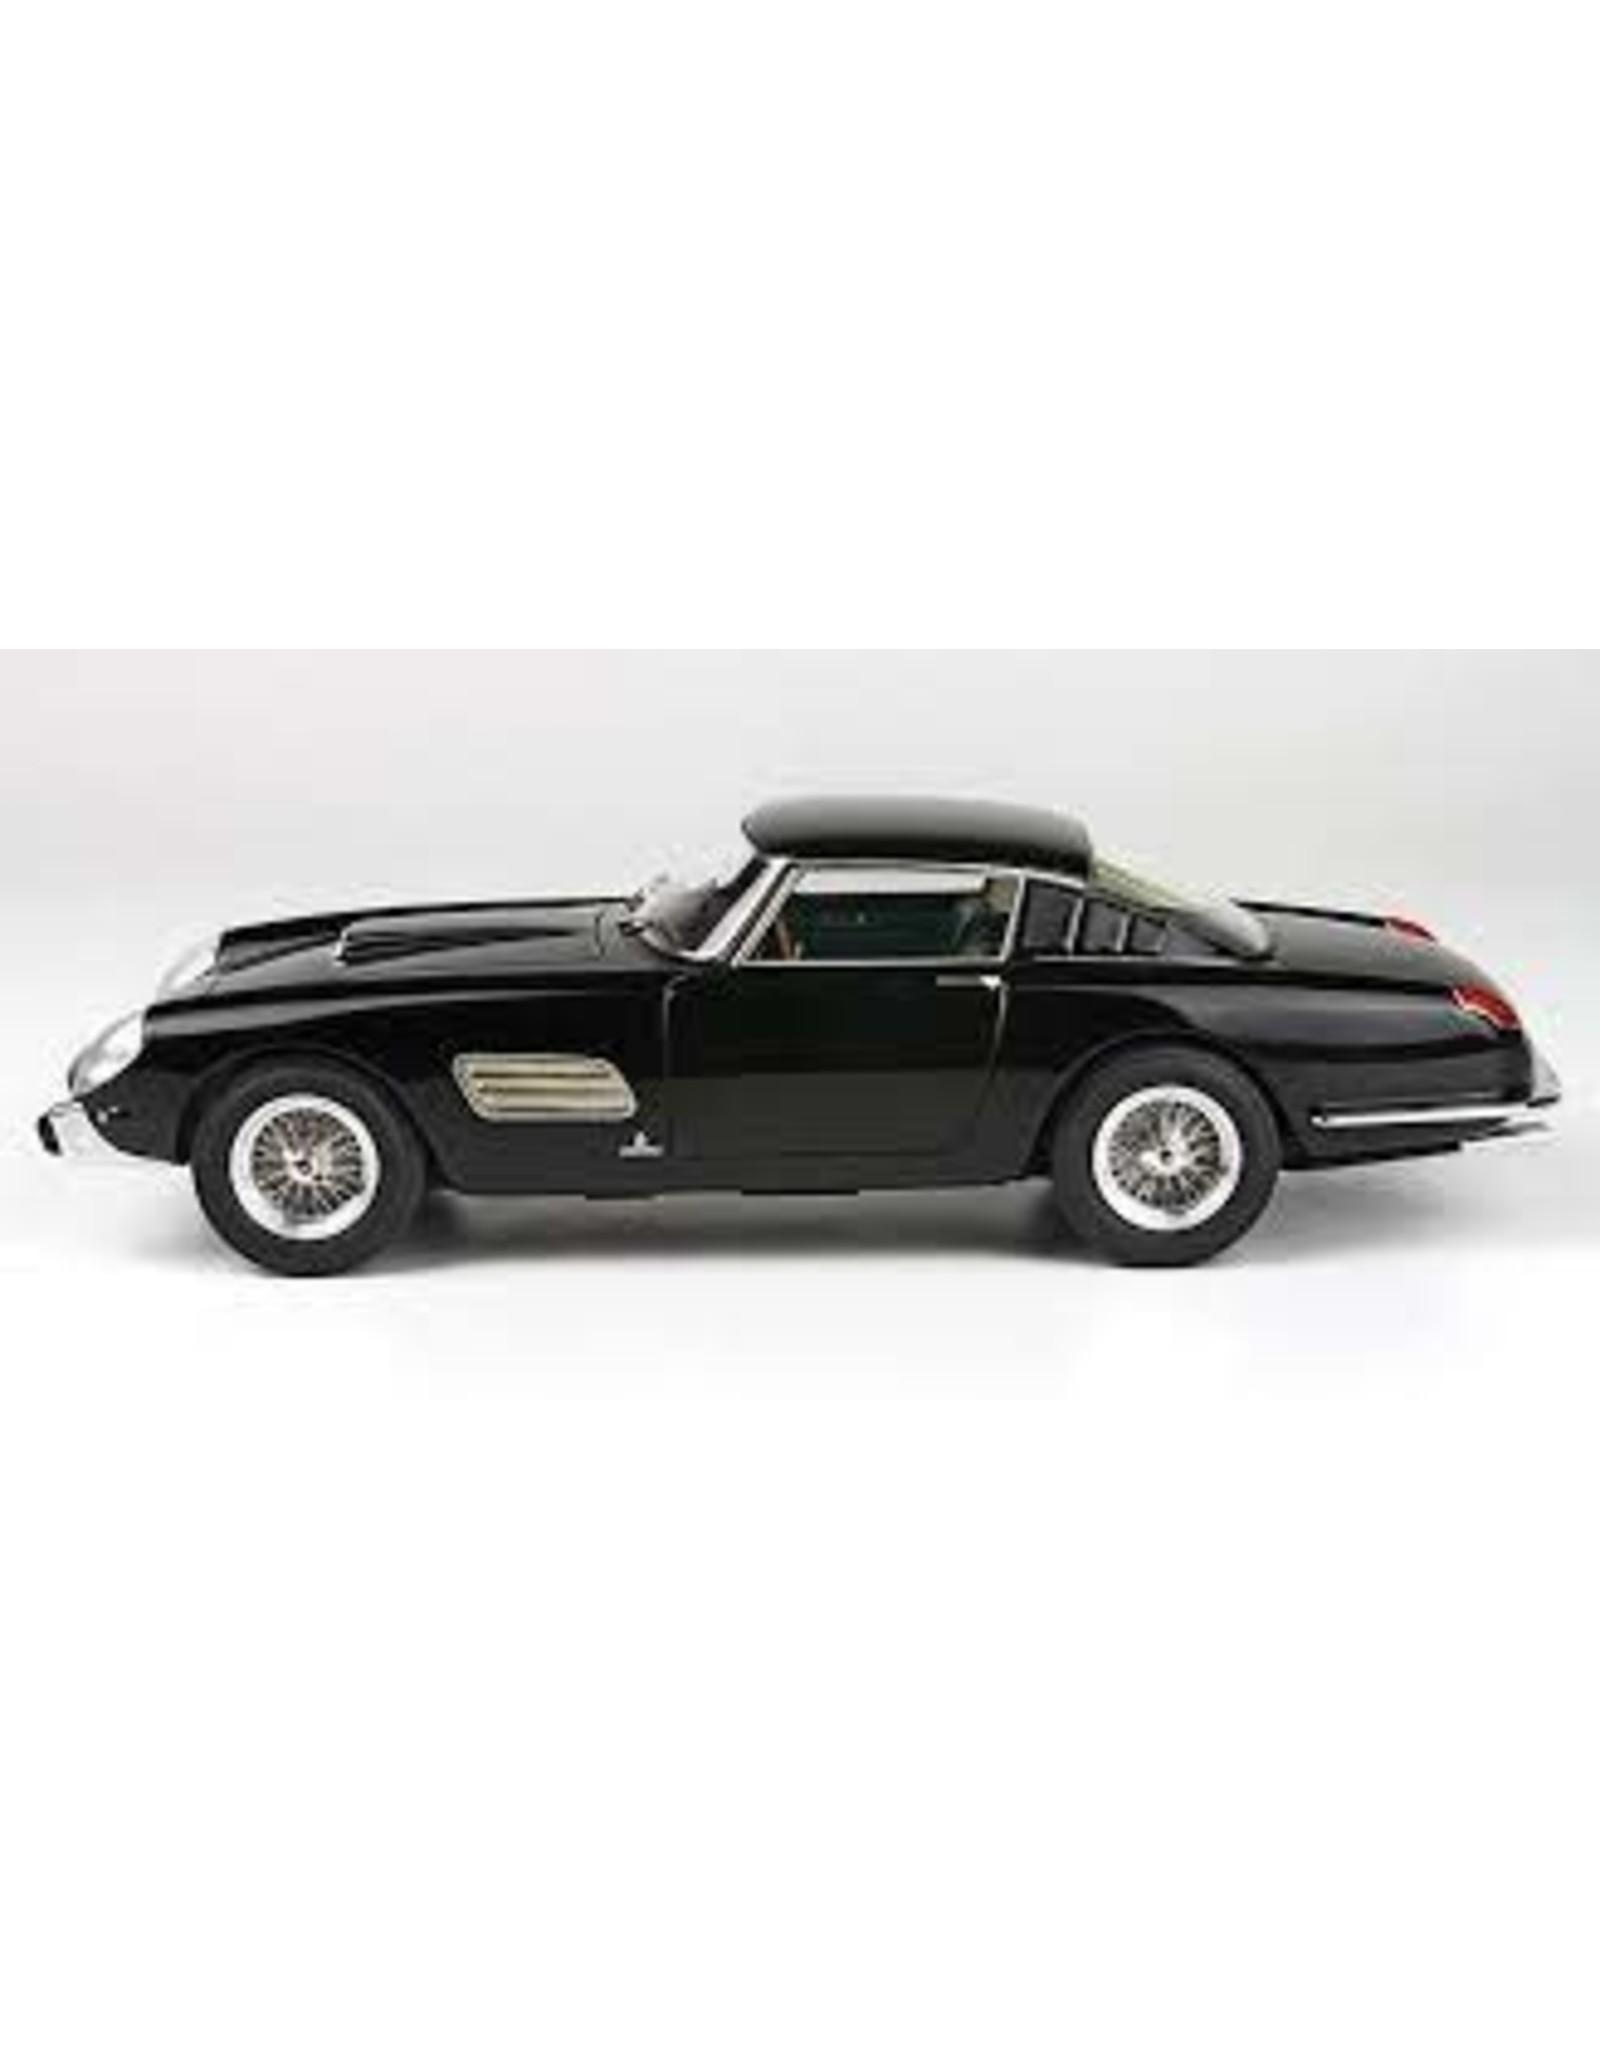 Ferrari Ferrari 250GT Coupe 1957 Personal Car Prince Bernhard of Holland + Showcase - 1:18 - BBR